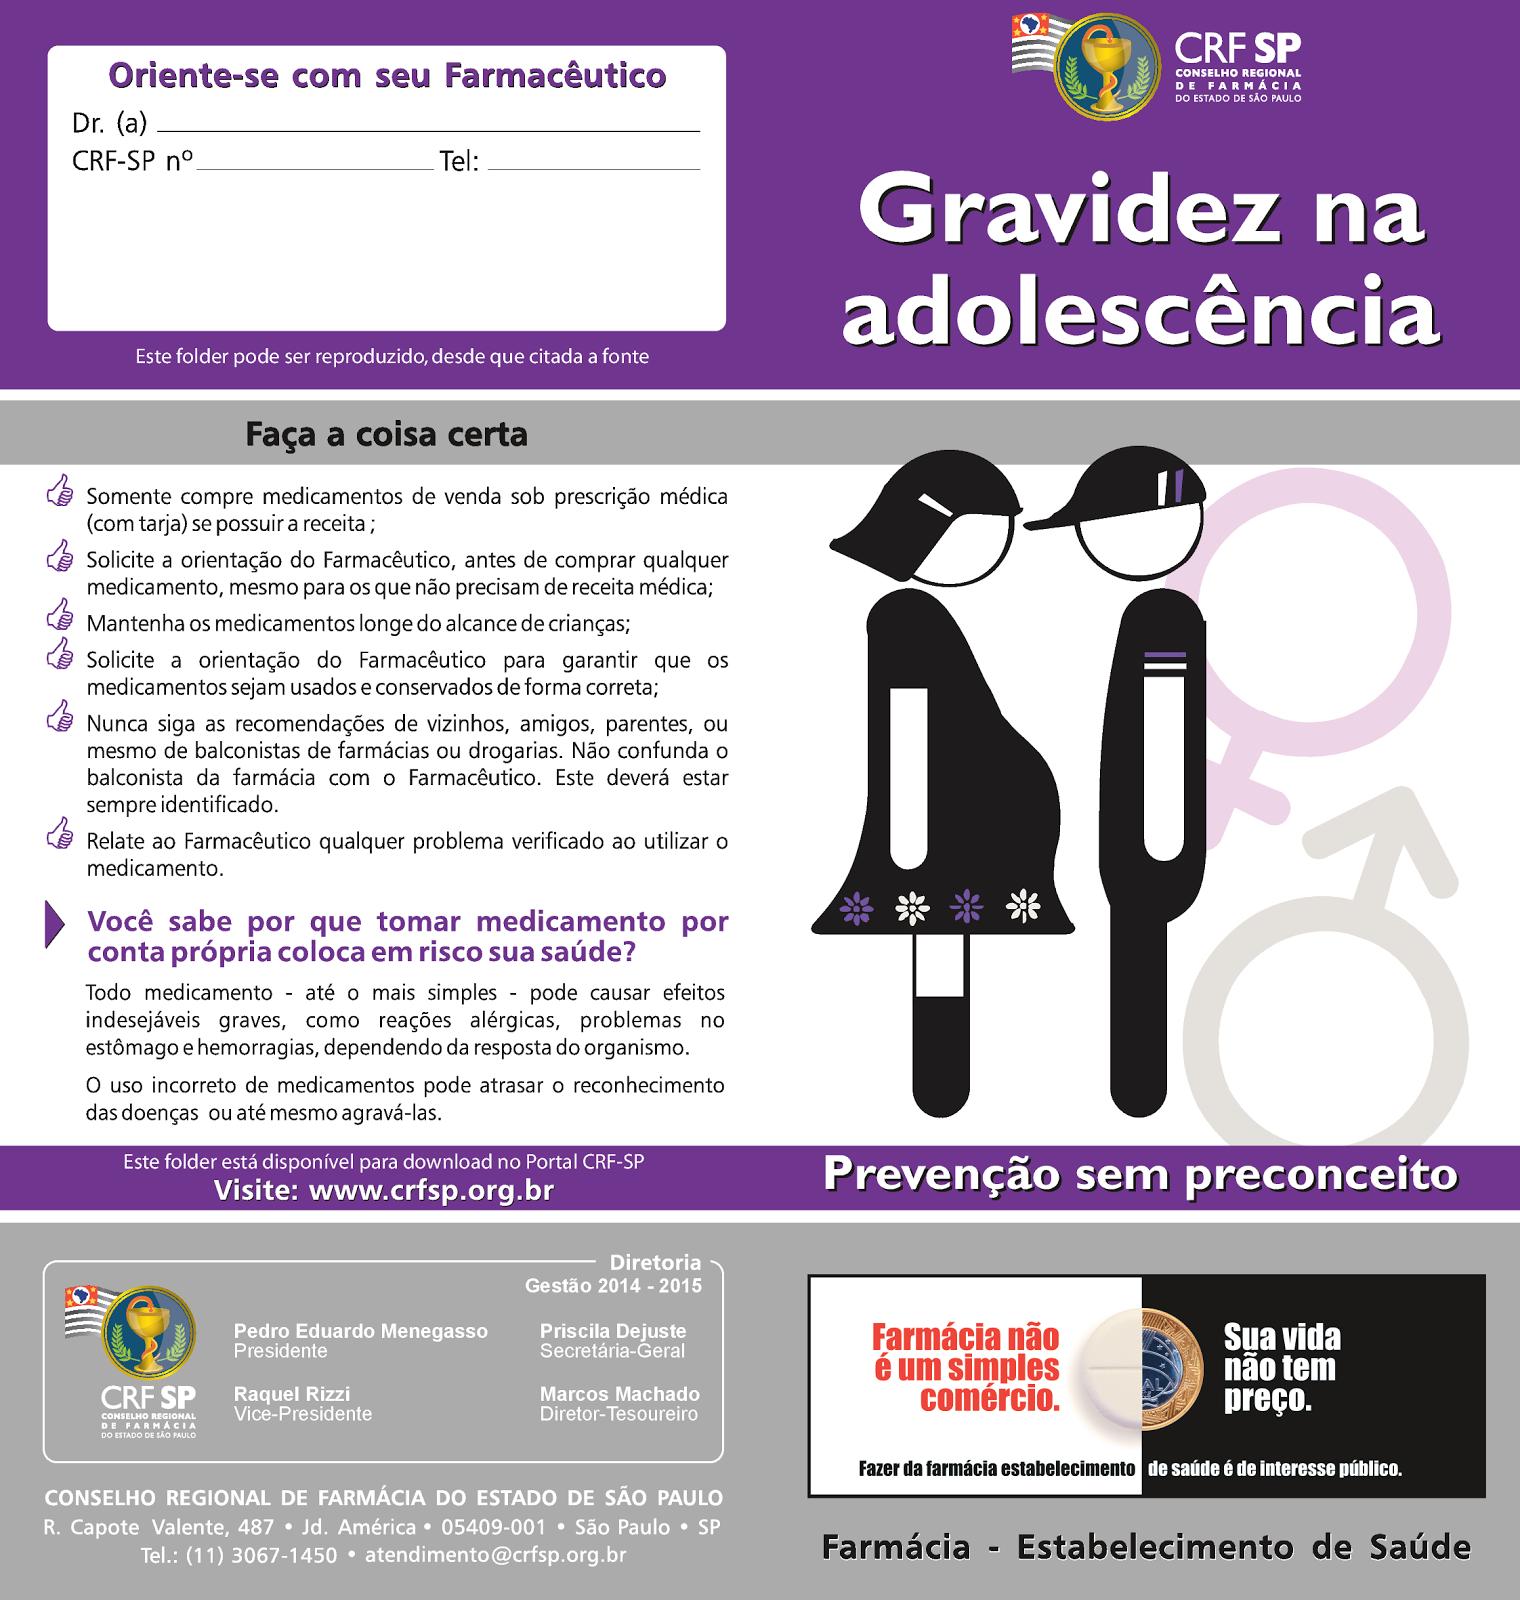 gravidez_adolescencia